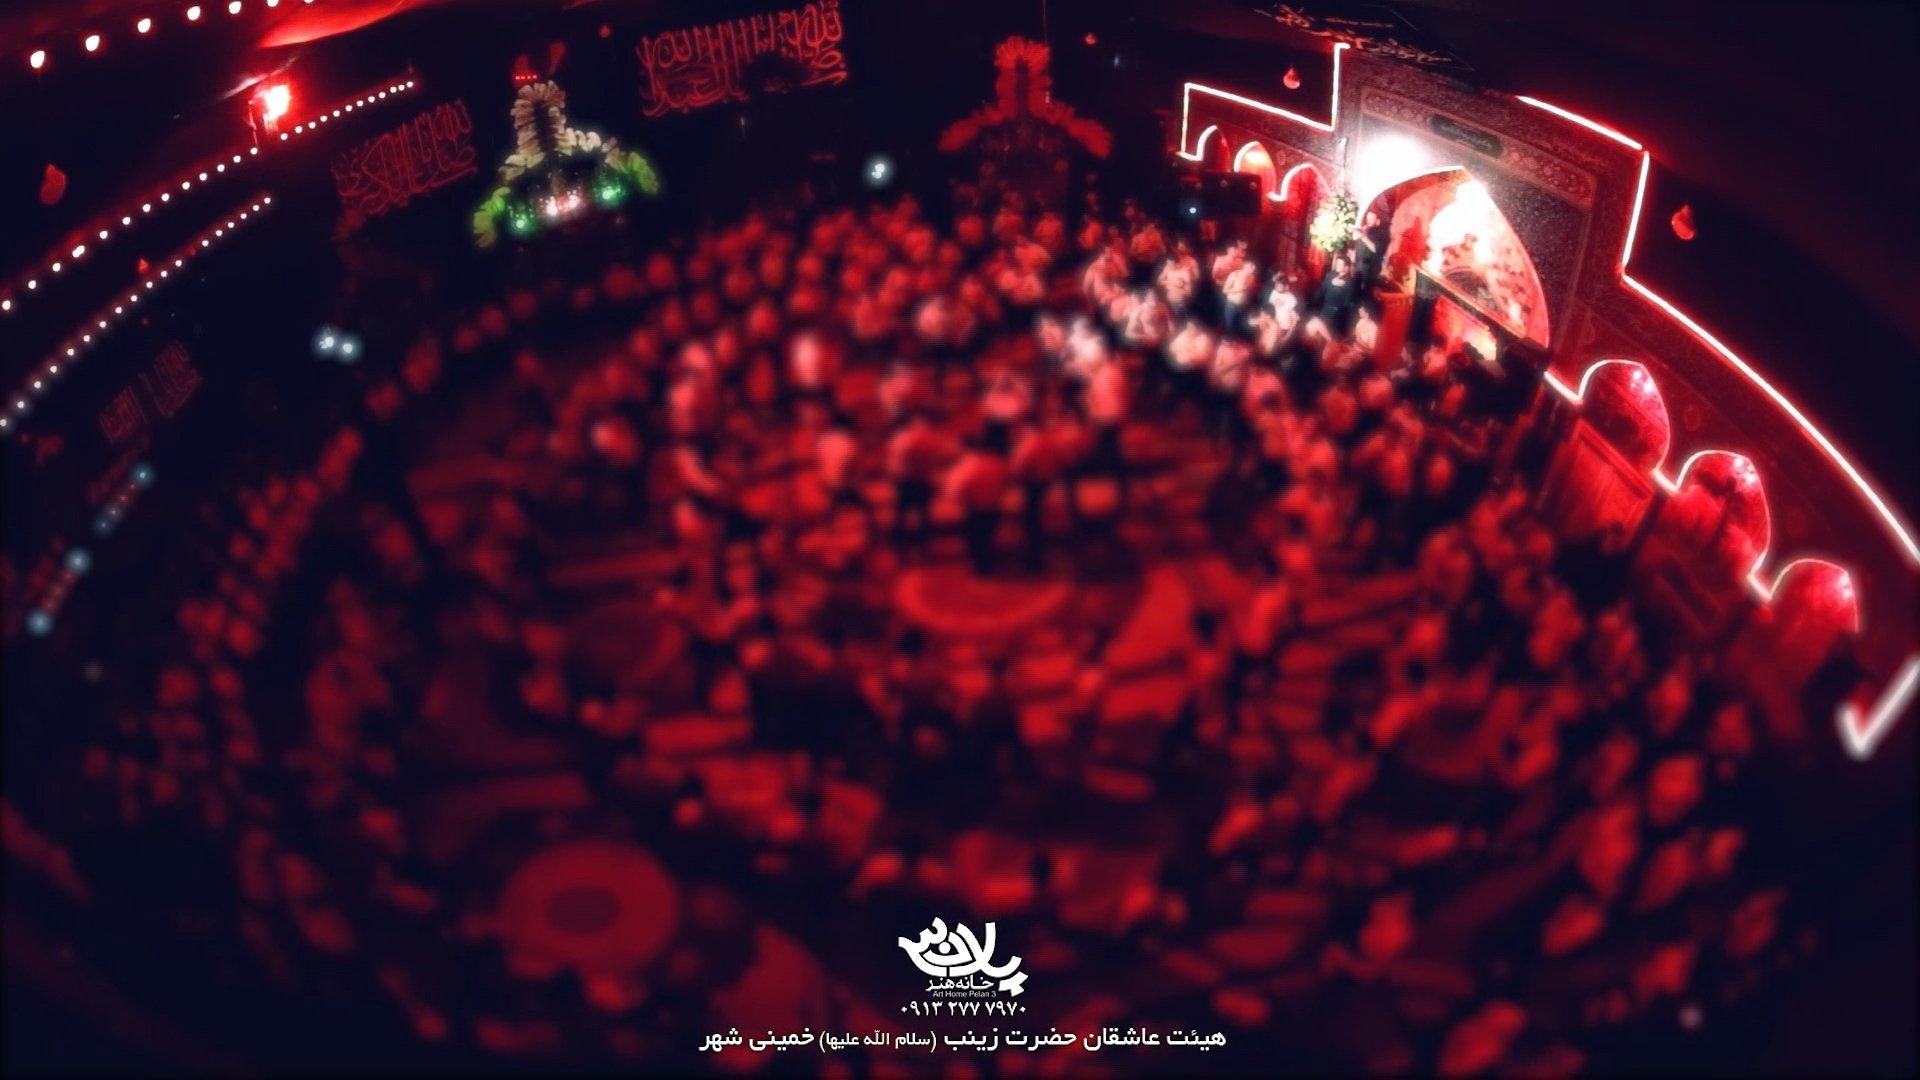 السلام علیک علی حسین شهید